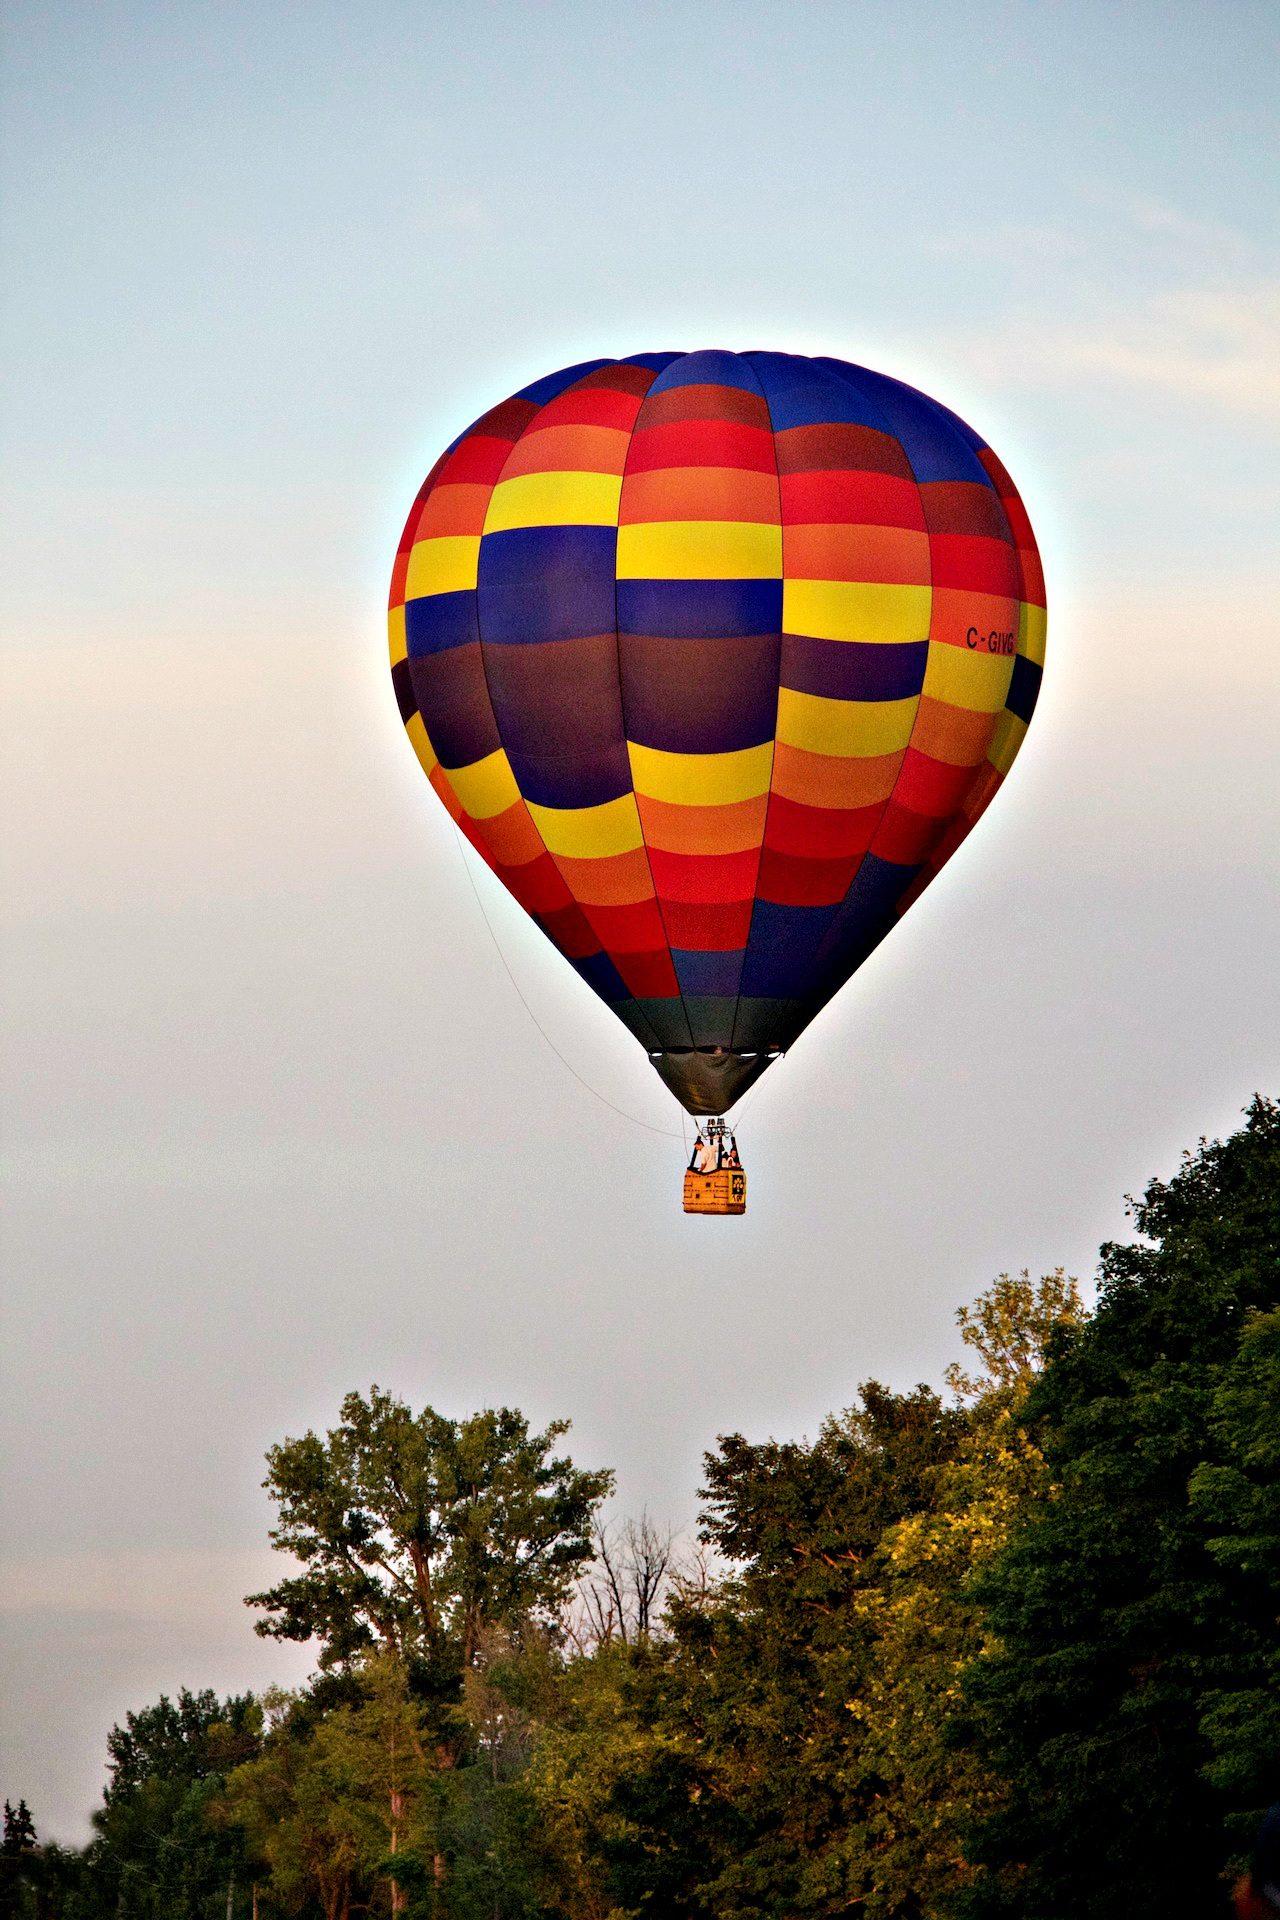 गुब्बारा, हवा के गुब्बारे, पेड़, उड़ान, सिर का चक्कर, जोखिम - HD वॉलपेपर - प्रोफेसर-falken.com